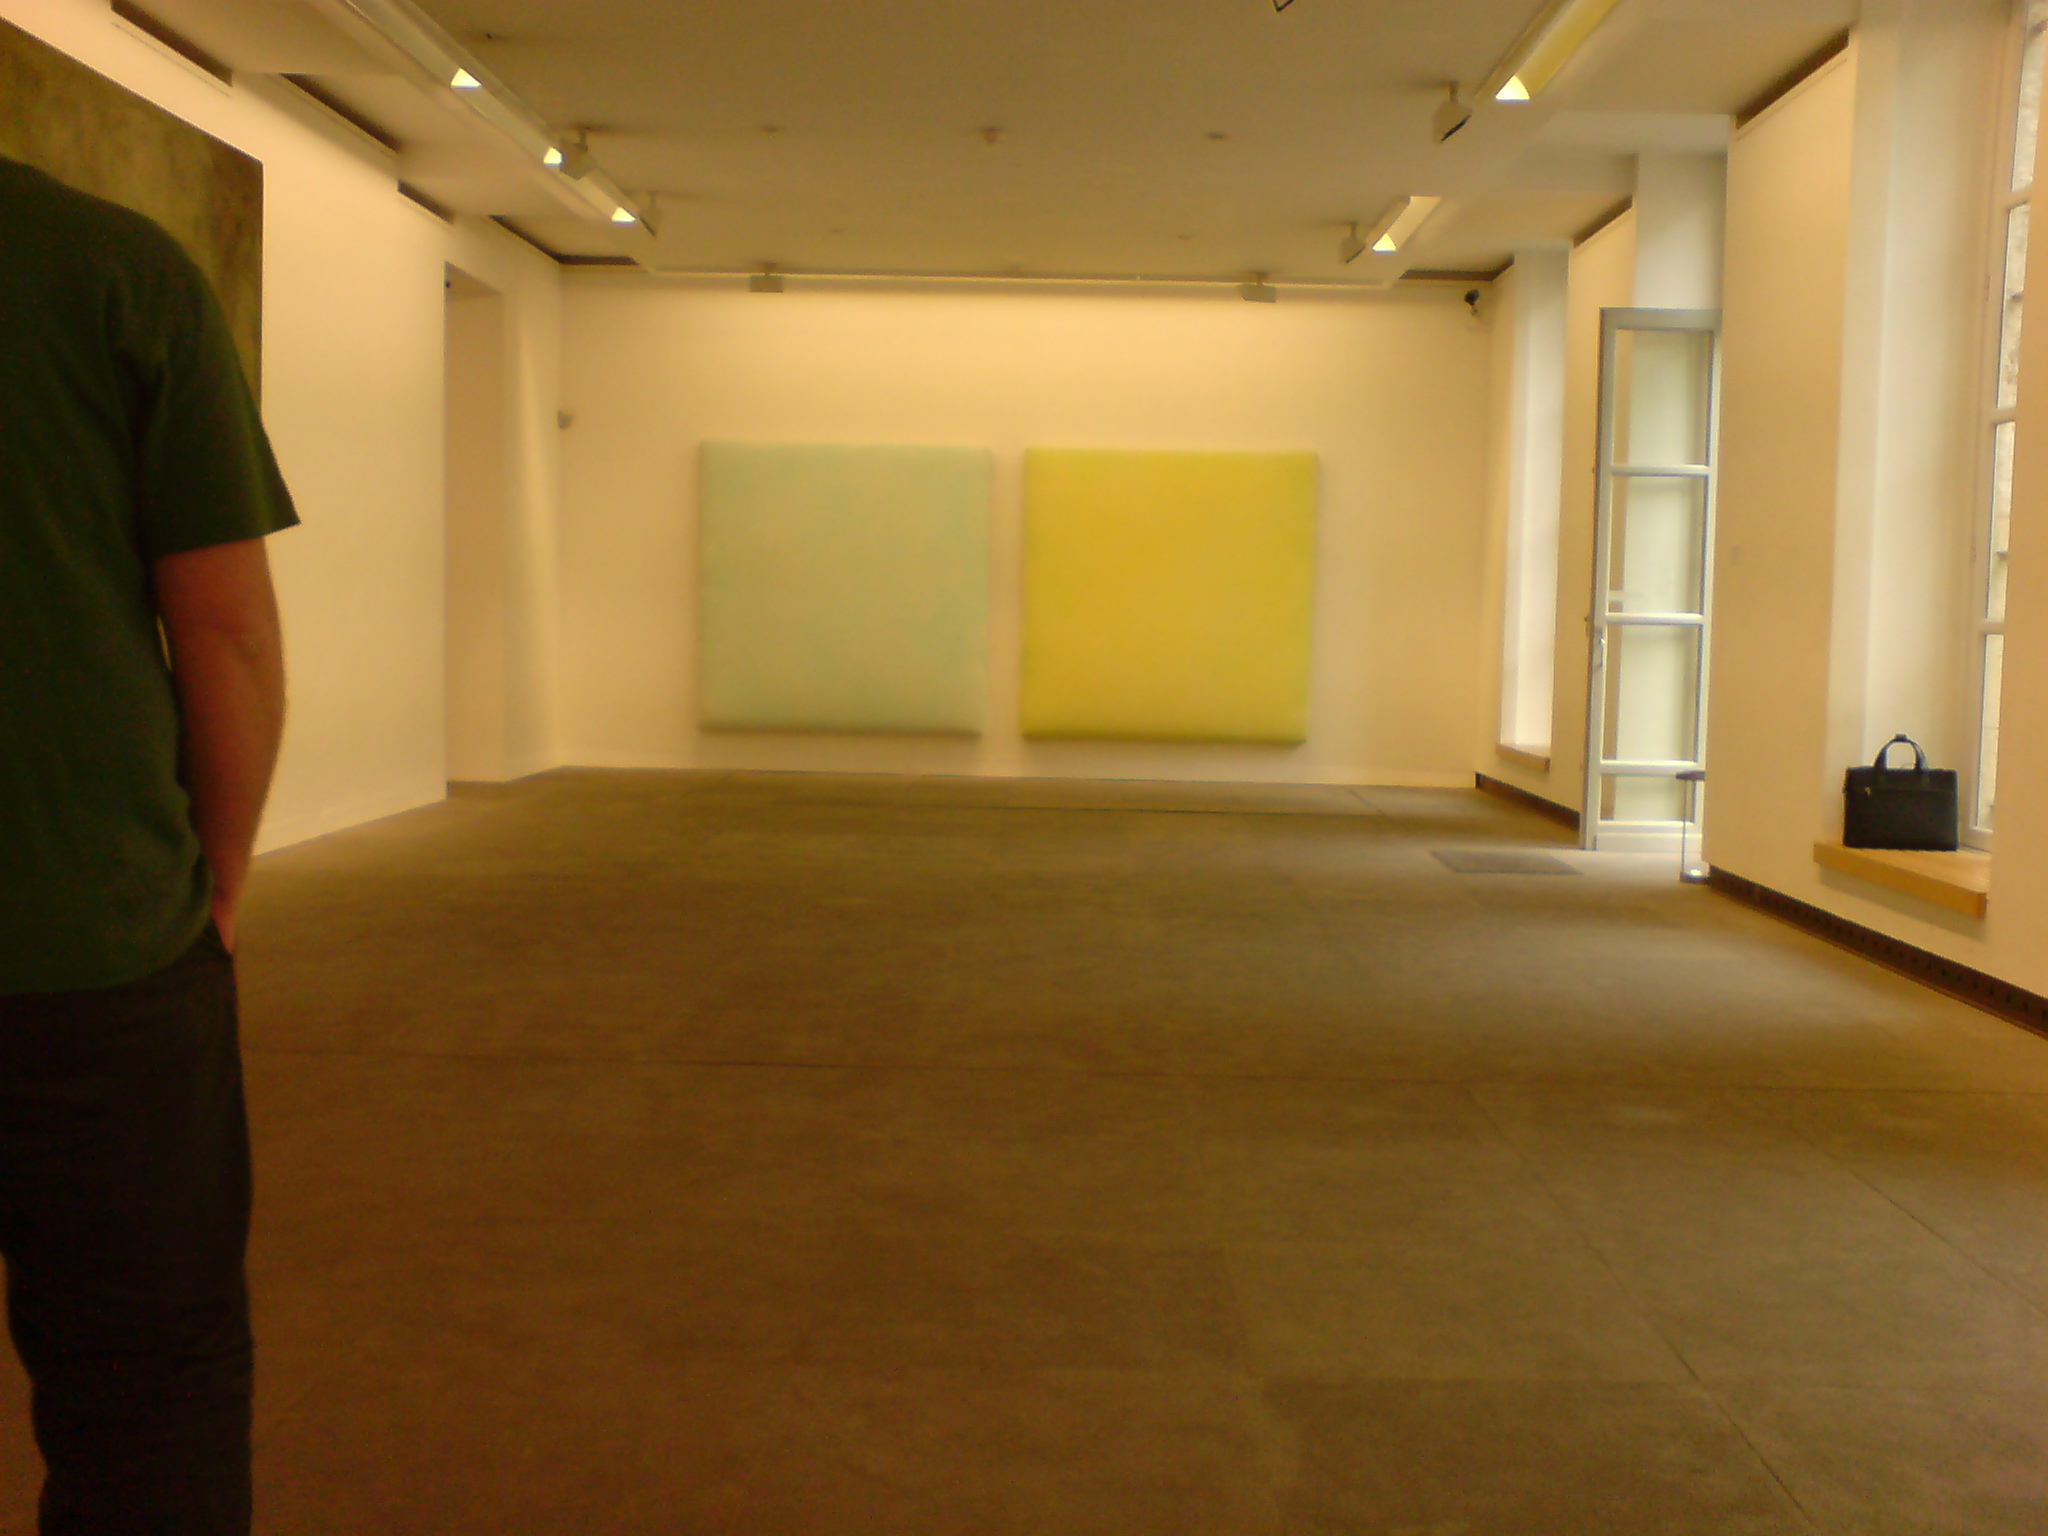 הציורים של גראובנר, וחצי מגבר אחד חתיך שעבר שם